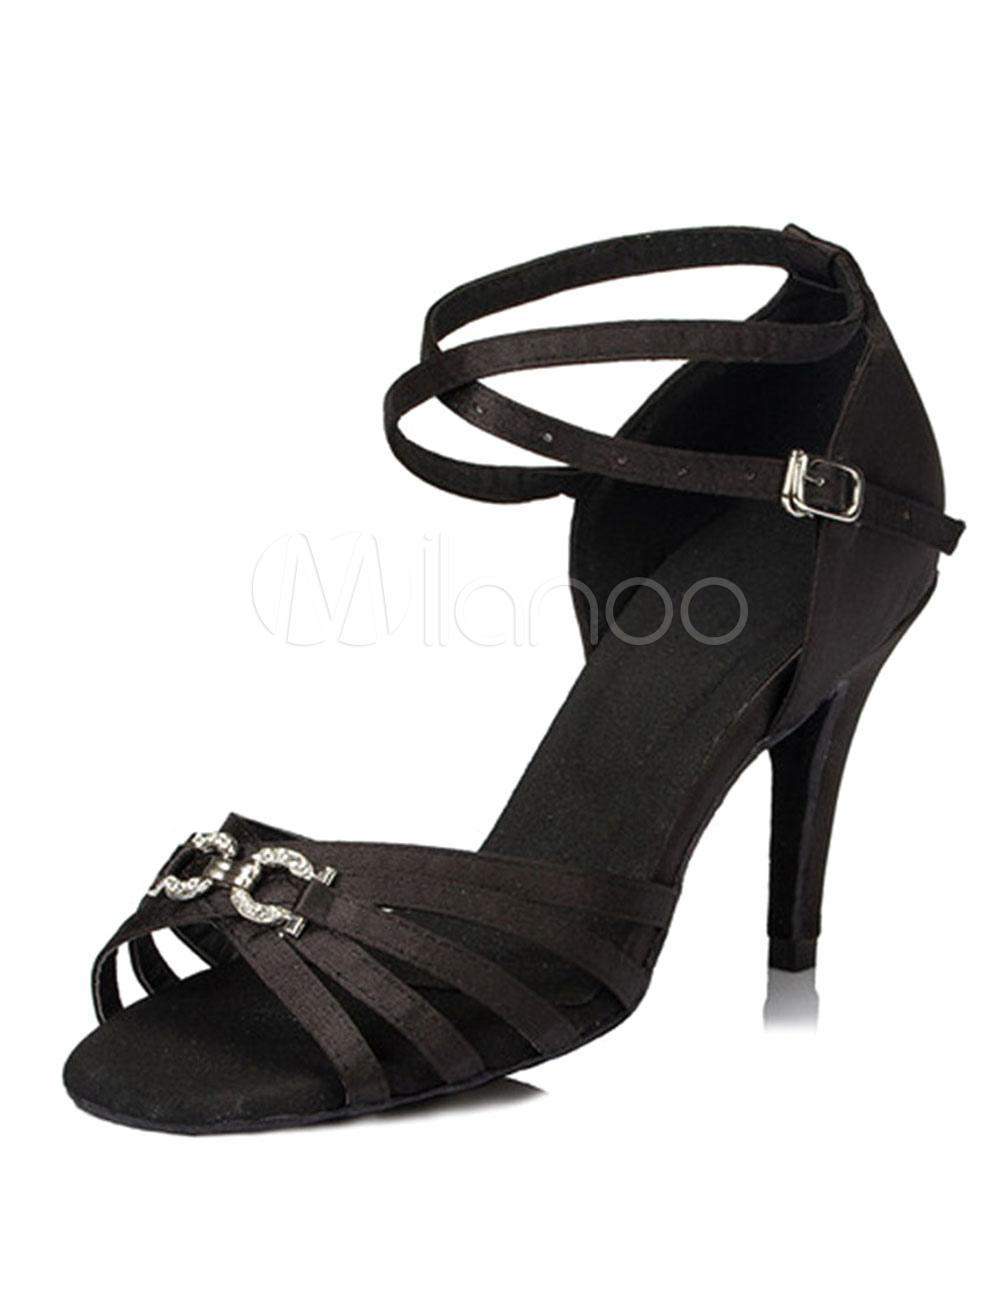 Buy Black Dance Sandals Satin Heels for Women for $28.49 in Milanoo store